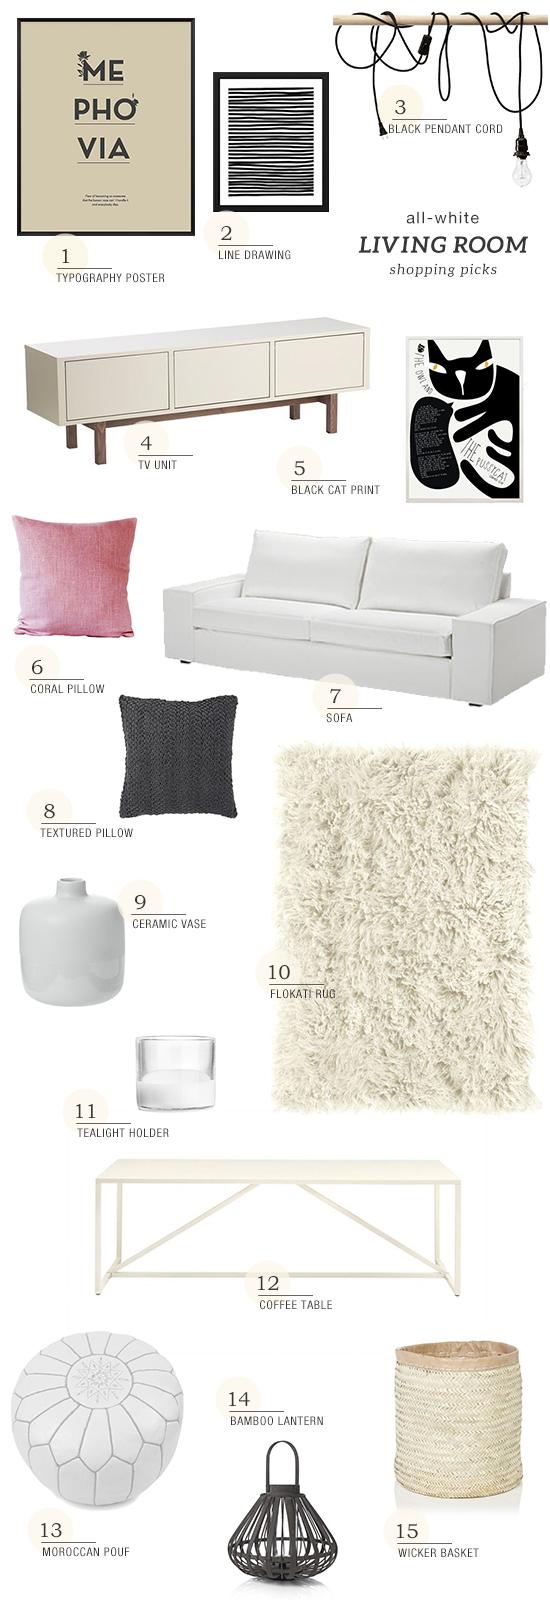 Scandinavian inspired white living room shopping picks | My Paradissi